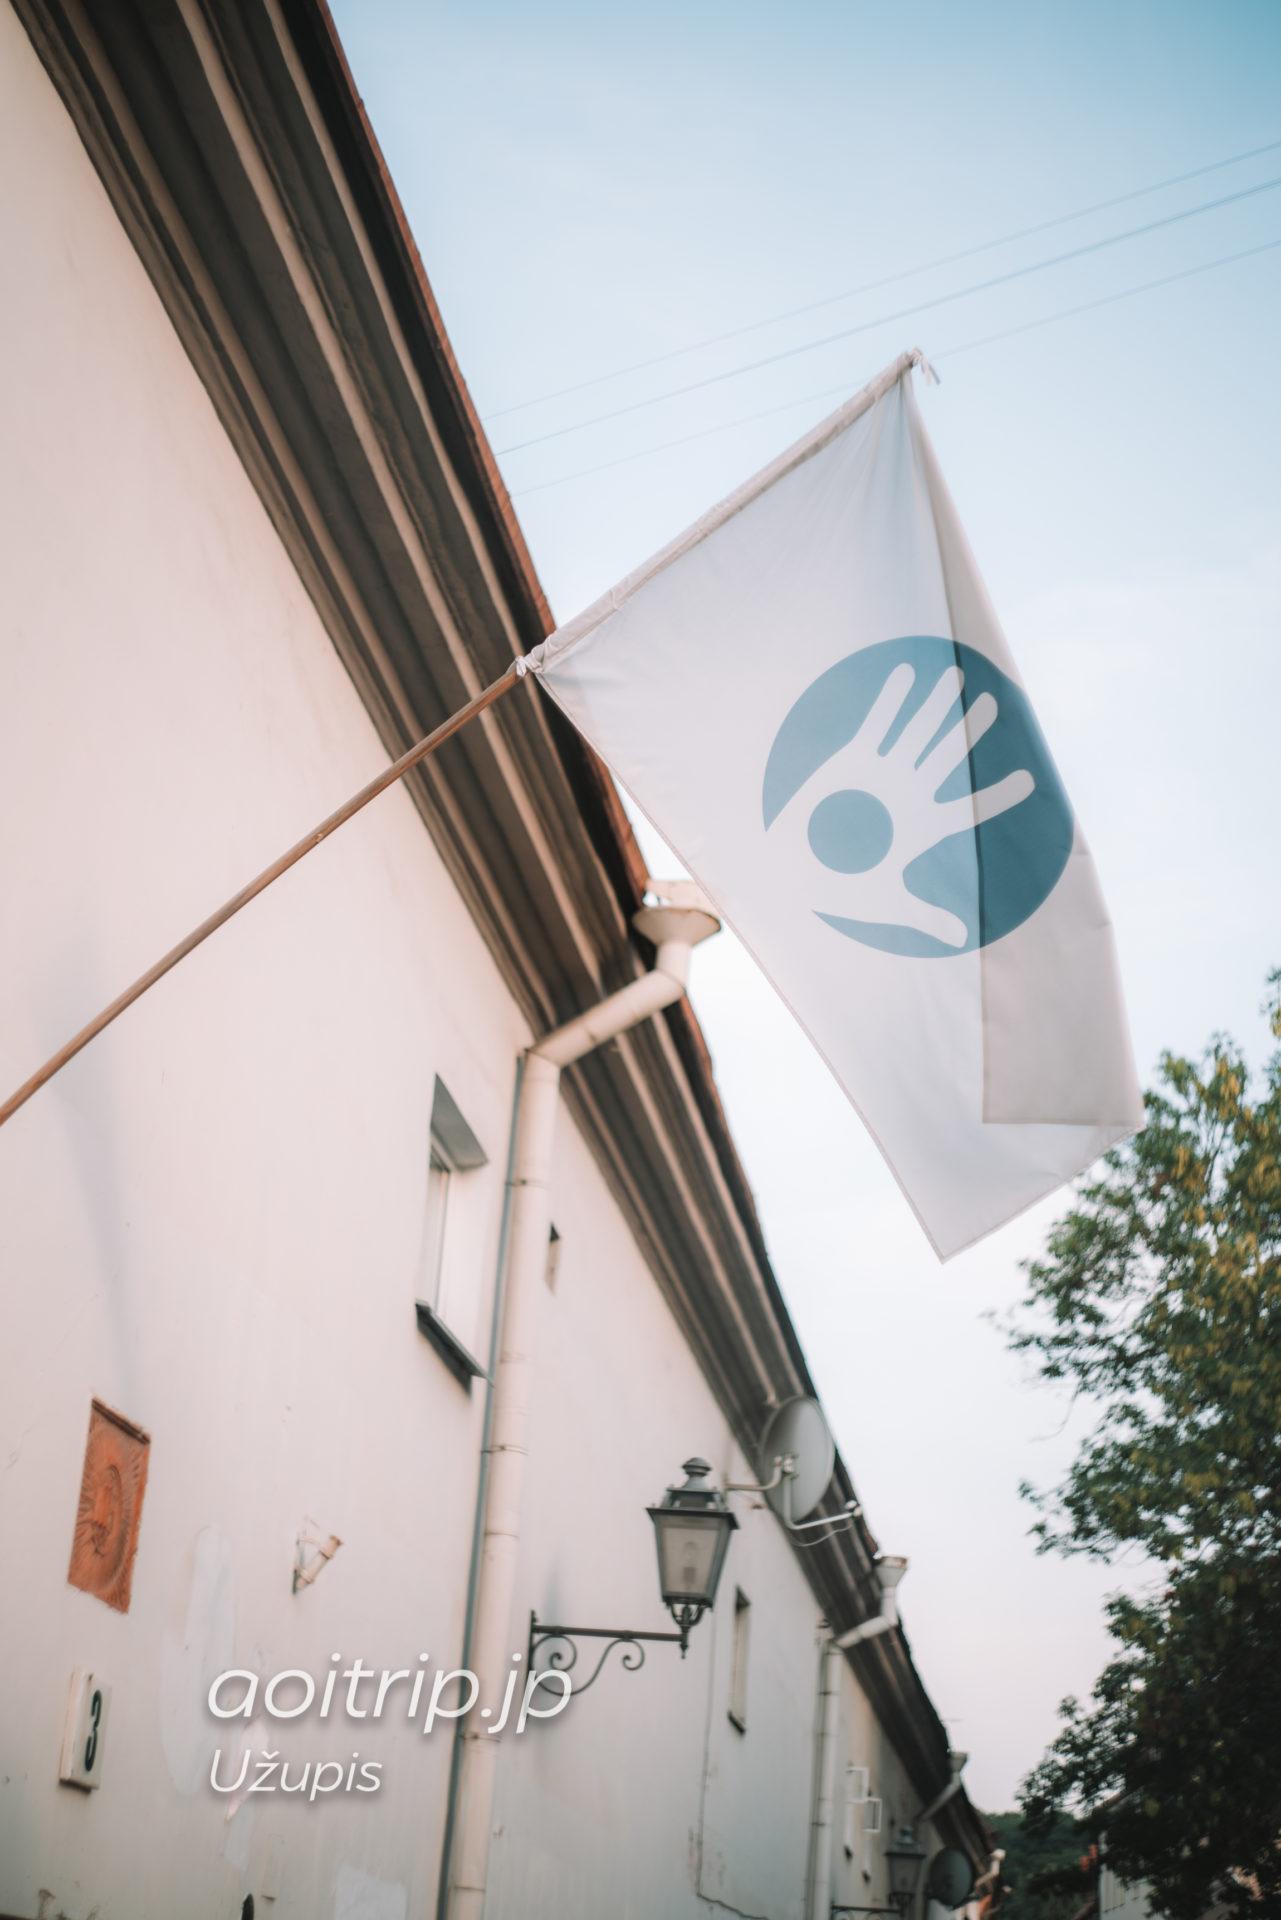 ウジュピス共和国の国旗